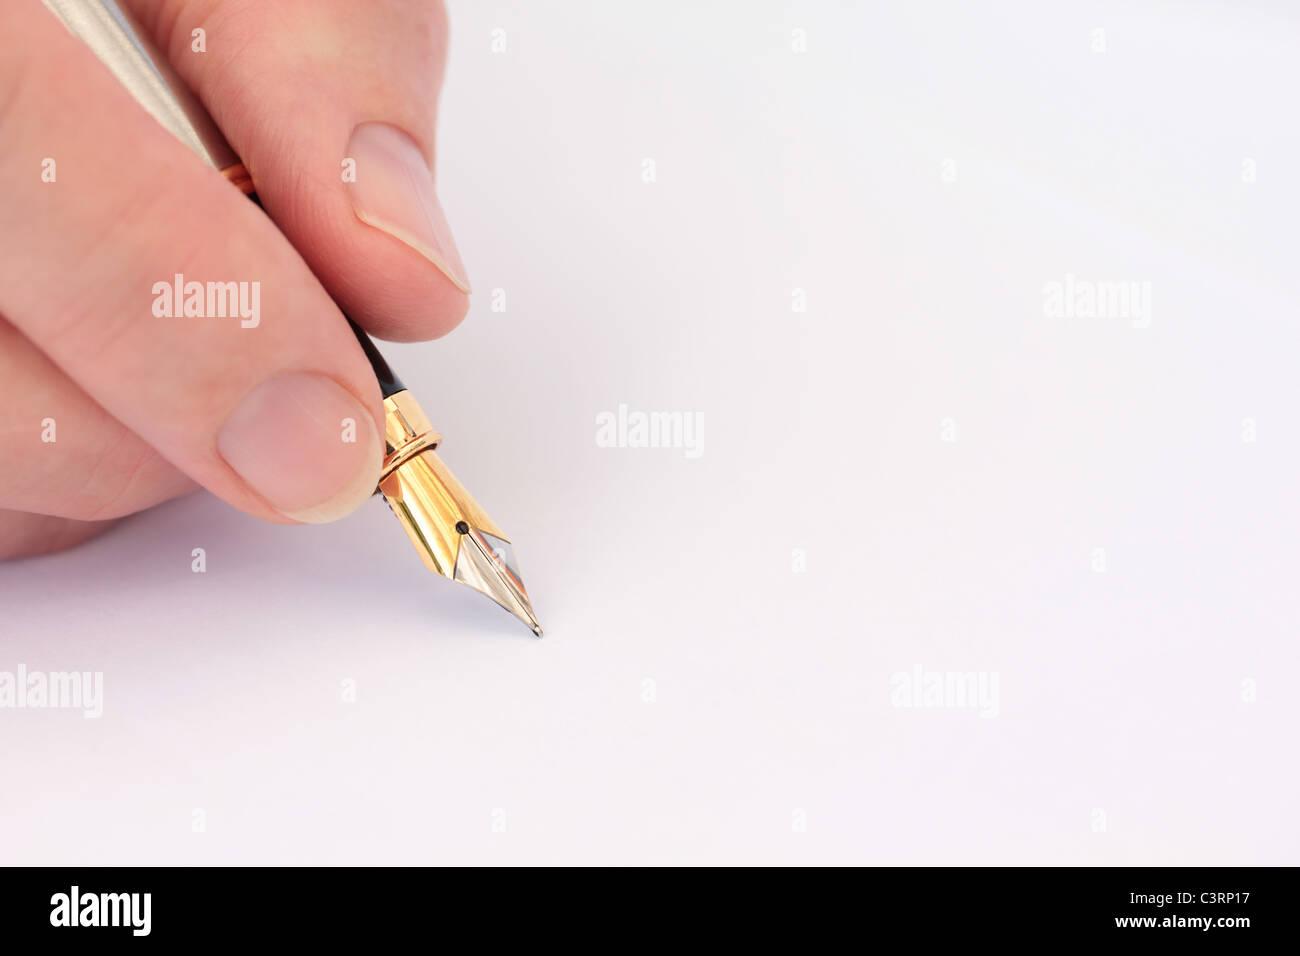 Part avec stylo plume sur papier de l'espace libre Photo Stock